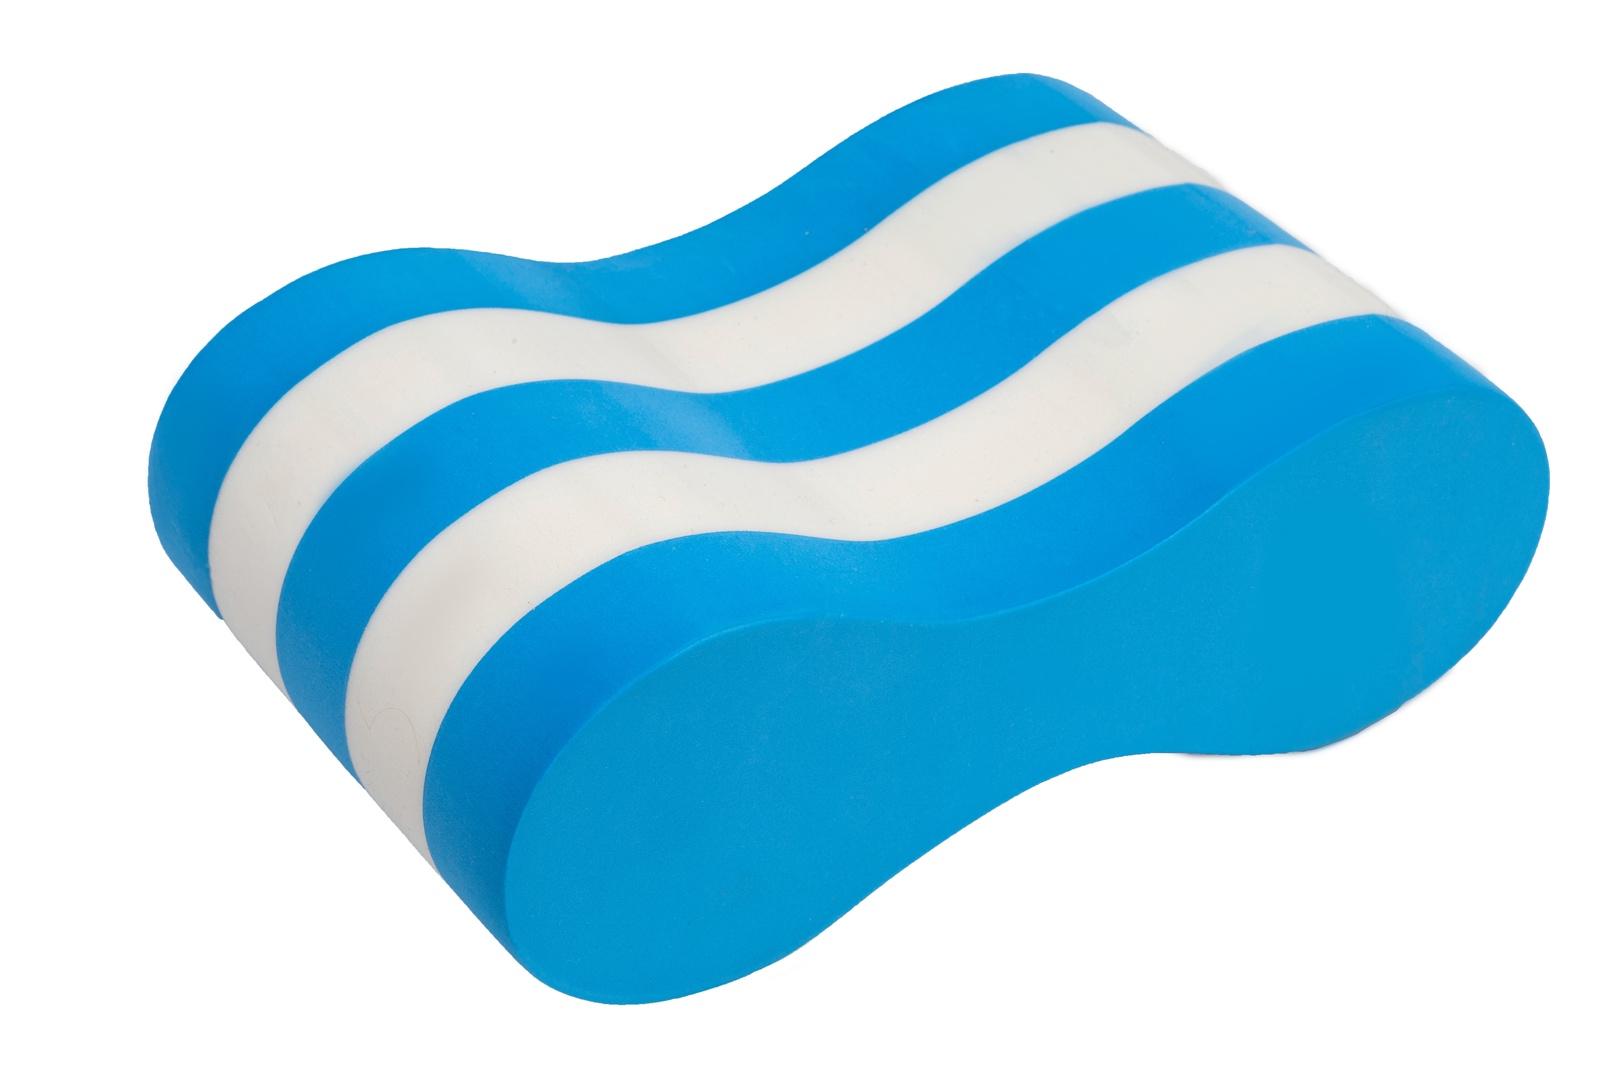 Доска для плавания Bradex Колобашка для плавания бело-голубая, SF 0310